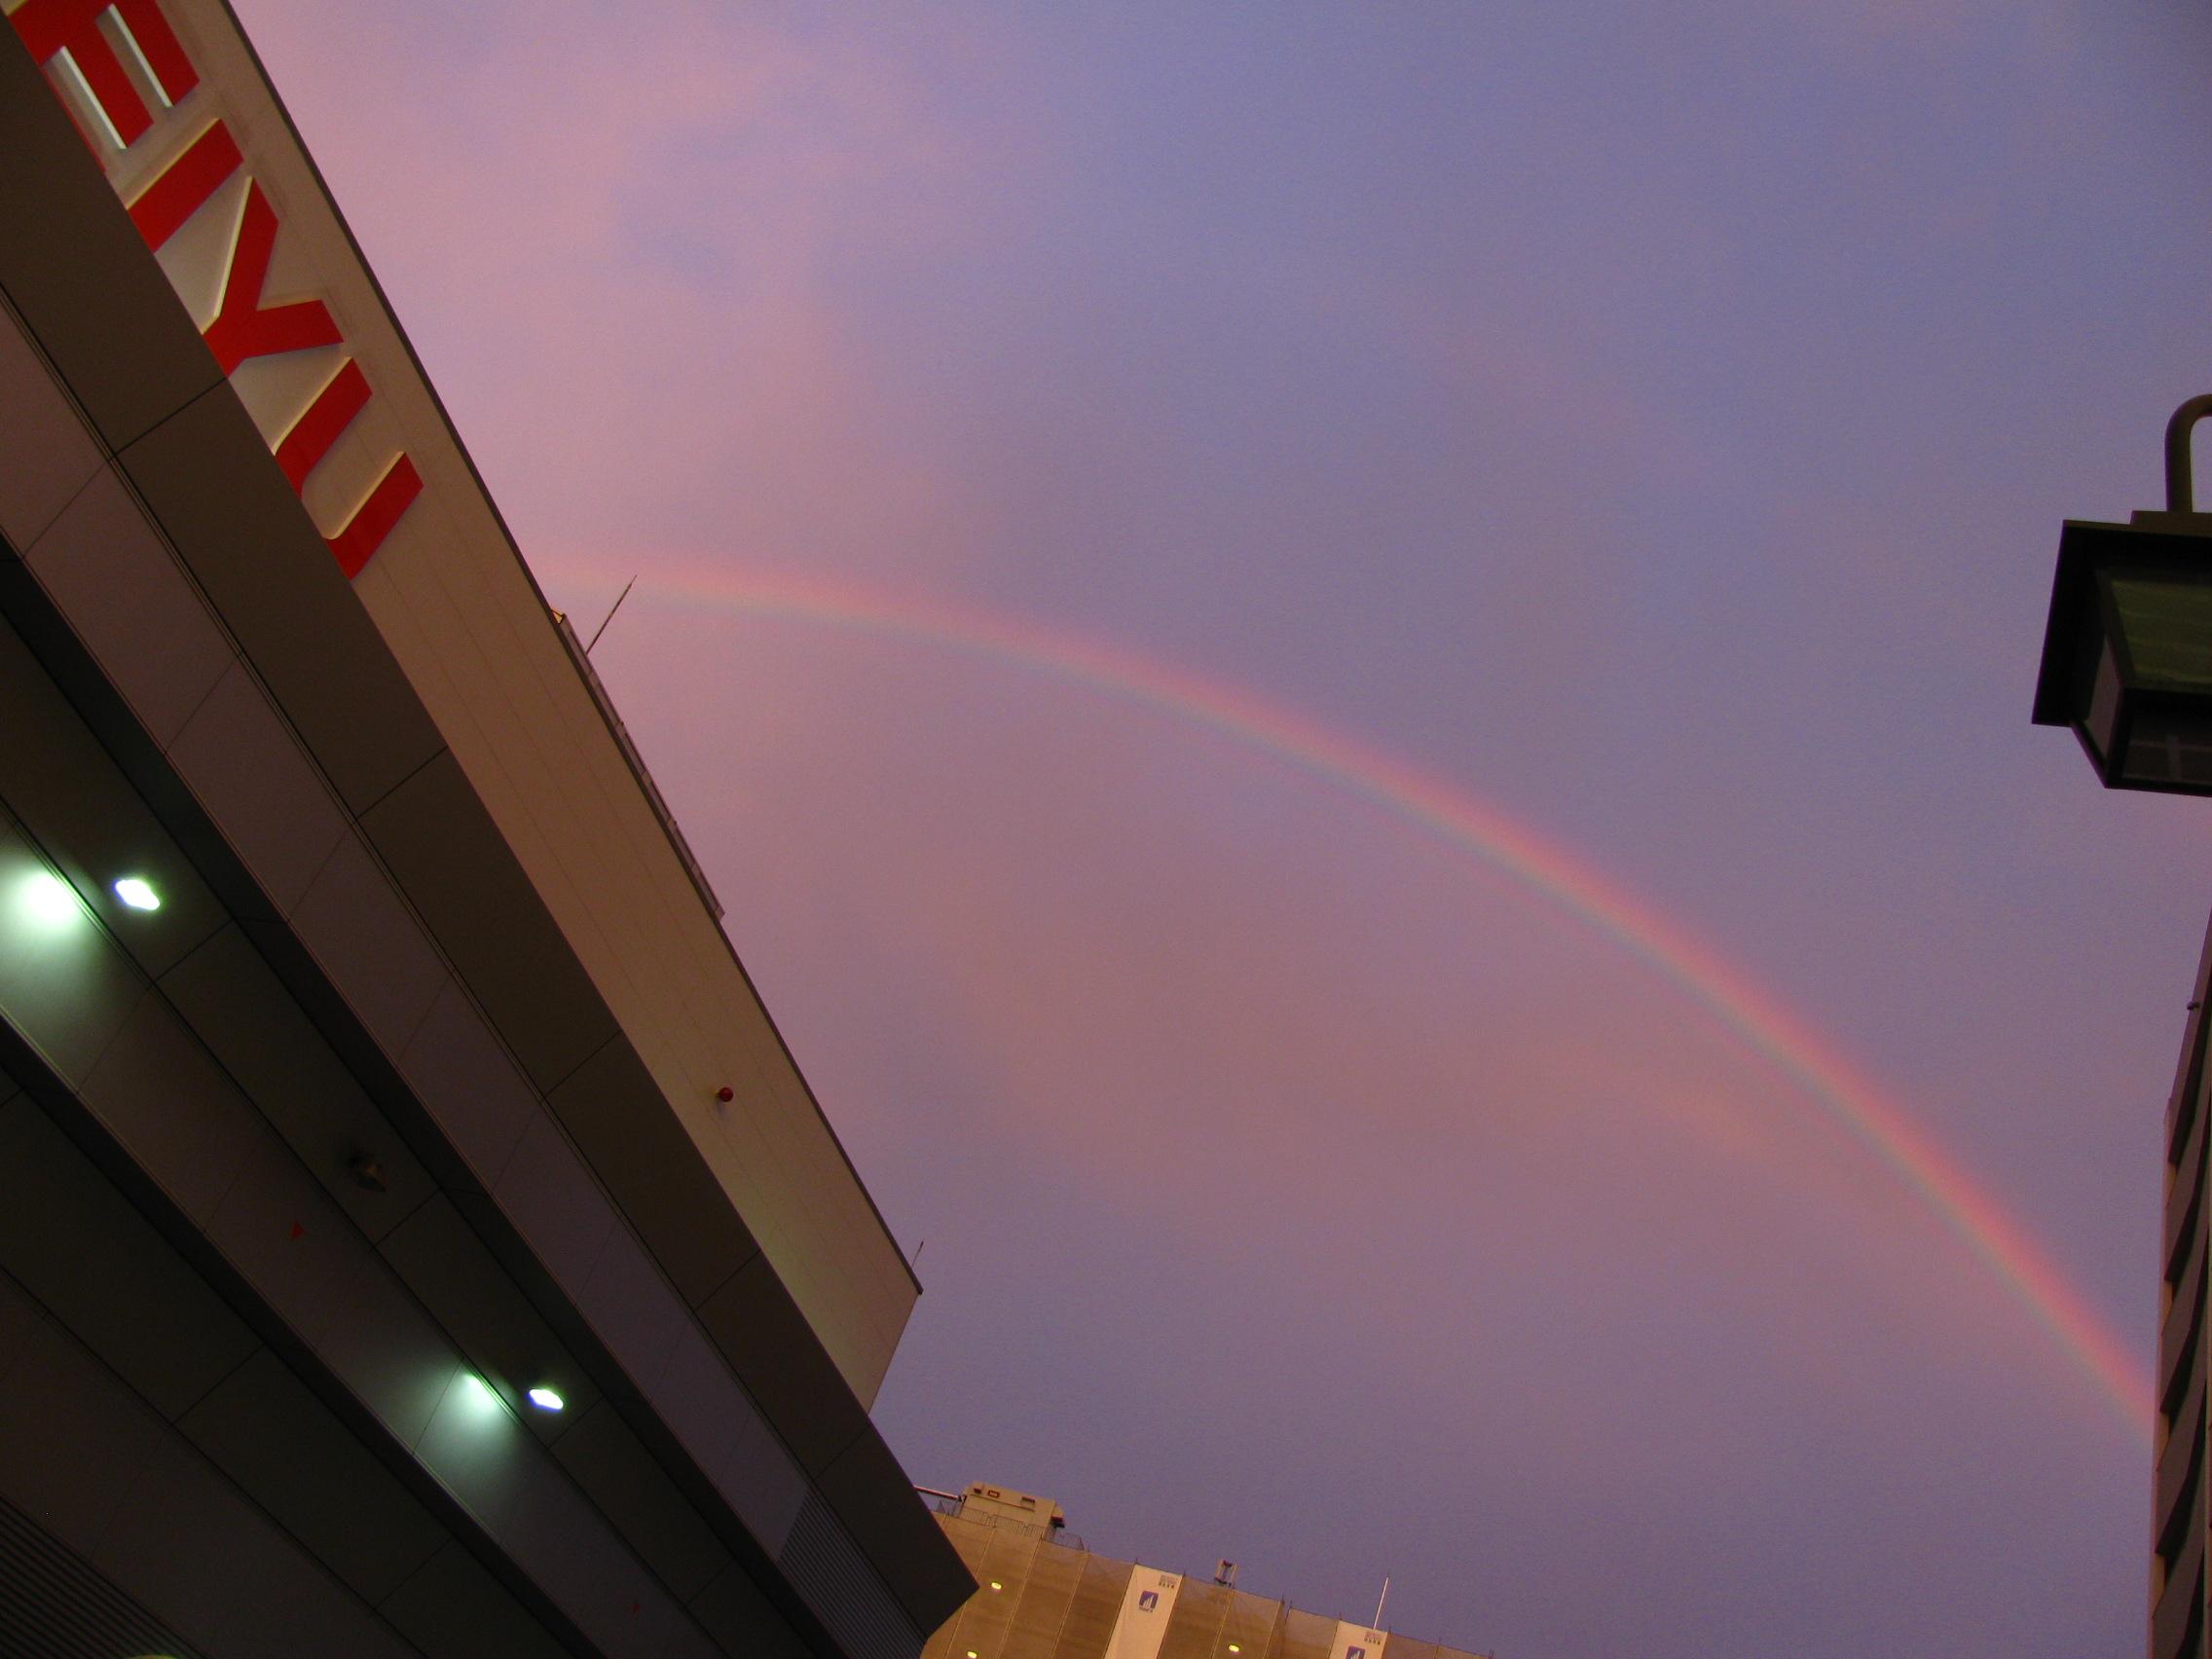 Arcobaleno visto da vicino casa mia alla fine di una giornata grigia e nuvolosa